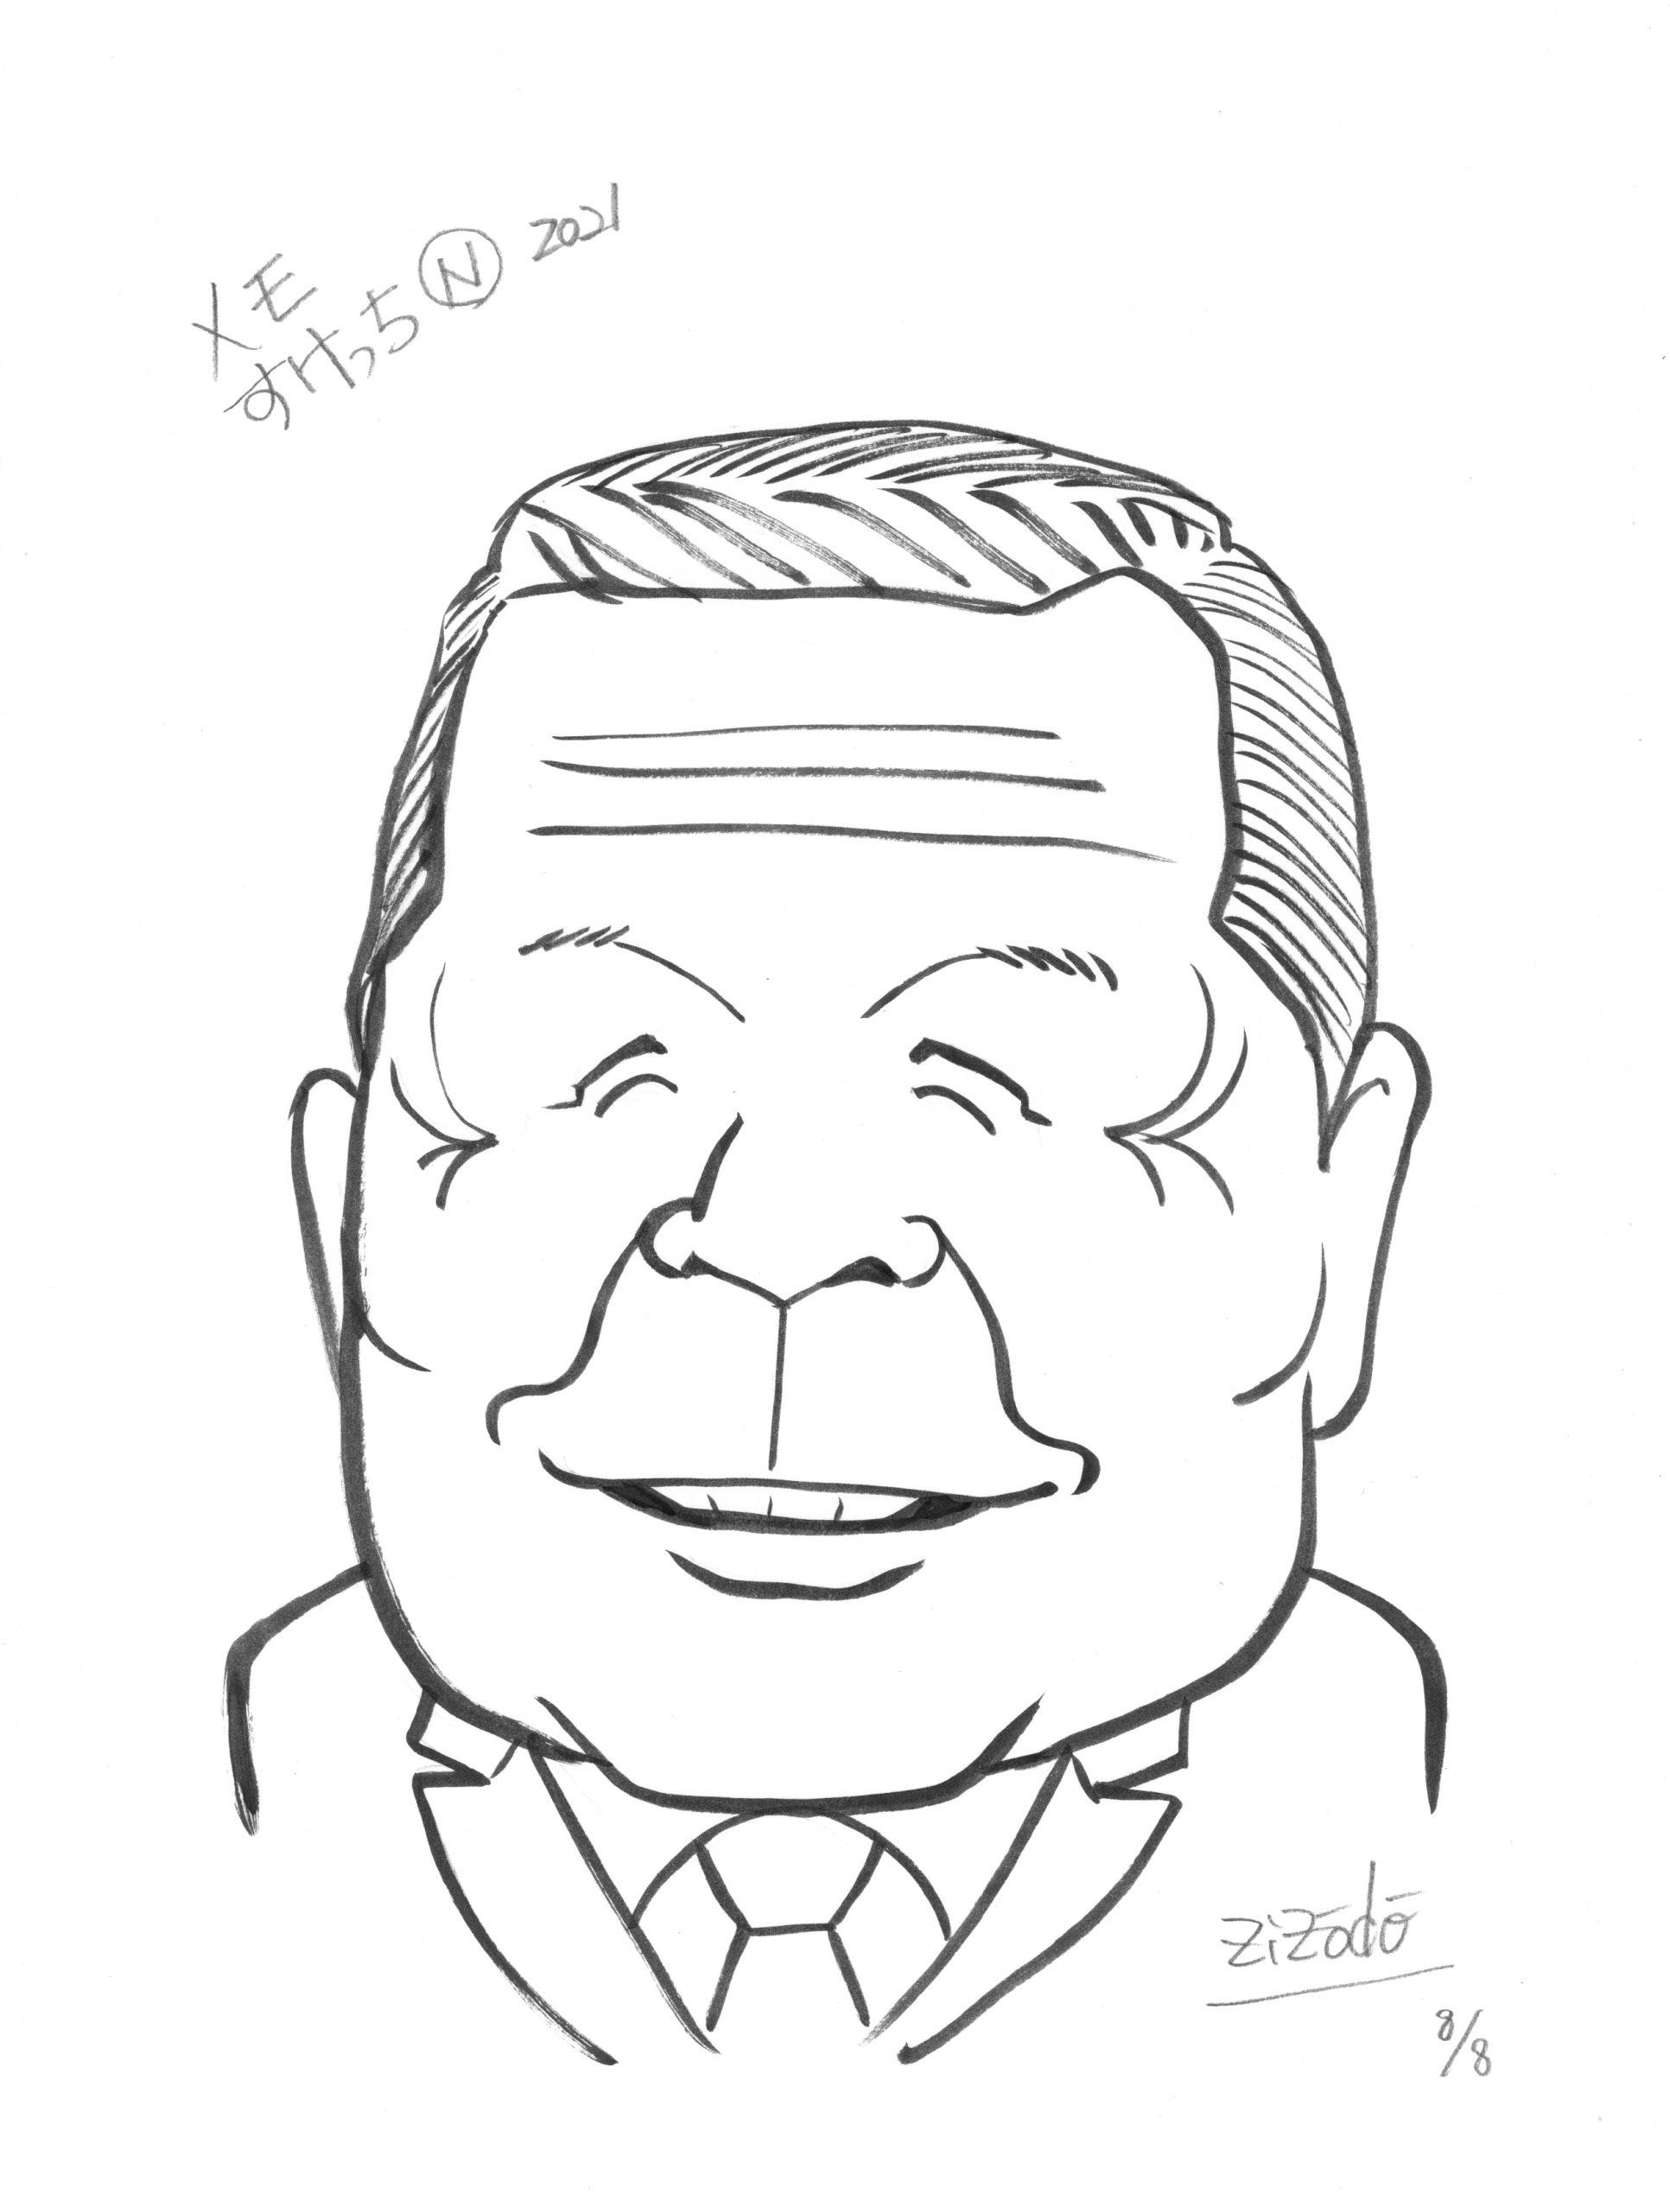 横浜市長選挙から似顔絵メモ